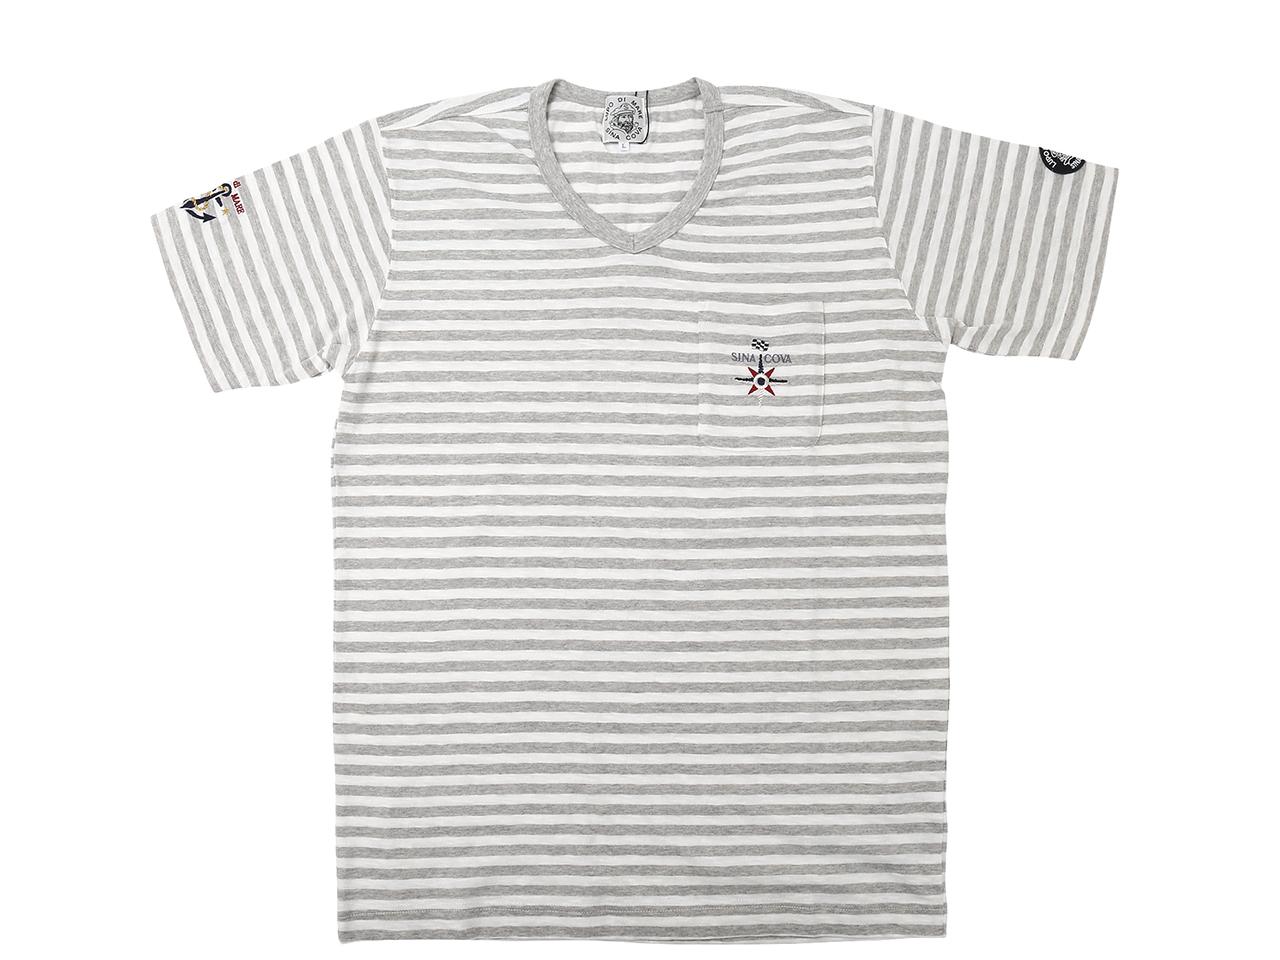 特価! シナコバ デザインTシャツ 19120550 ☆73196